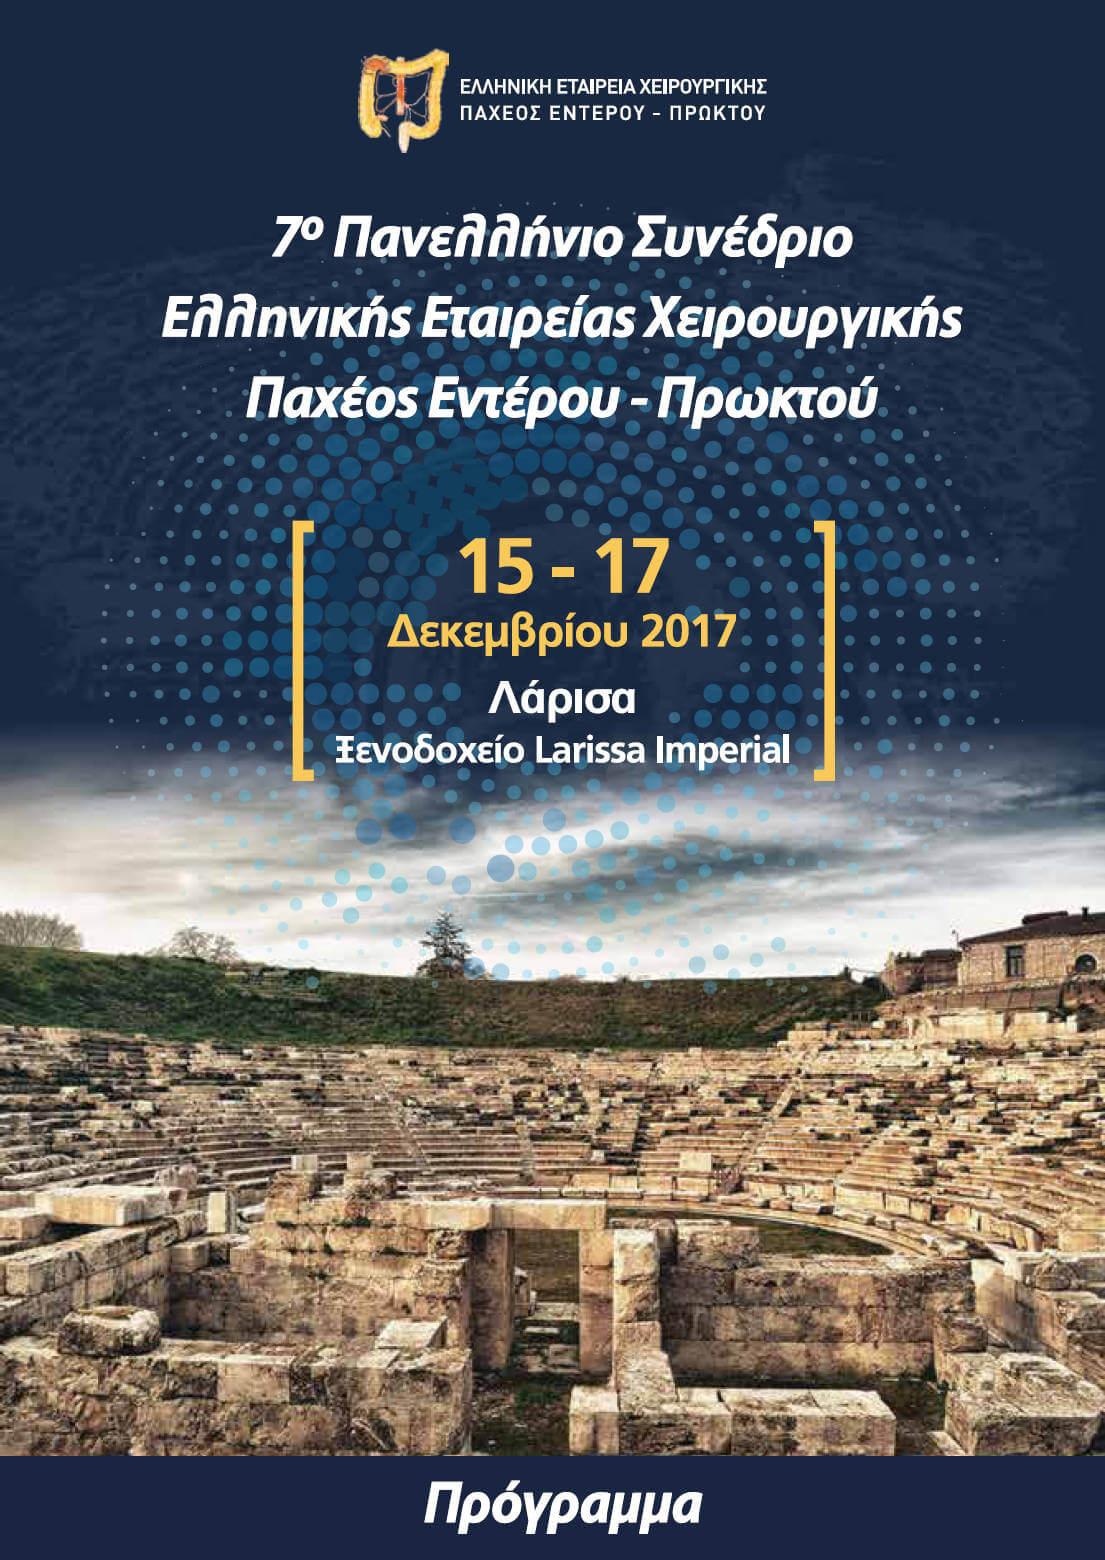 7ο Πανελλήνιο Συνέδριο της Ελληνικής Εταιρείας Χειρουργικής Παχέος εντέρου - Πρωκτού